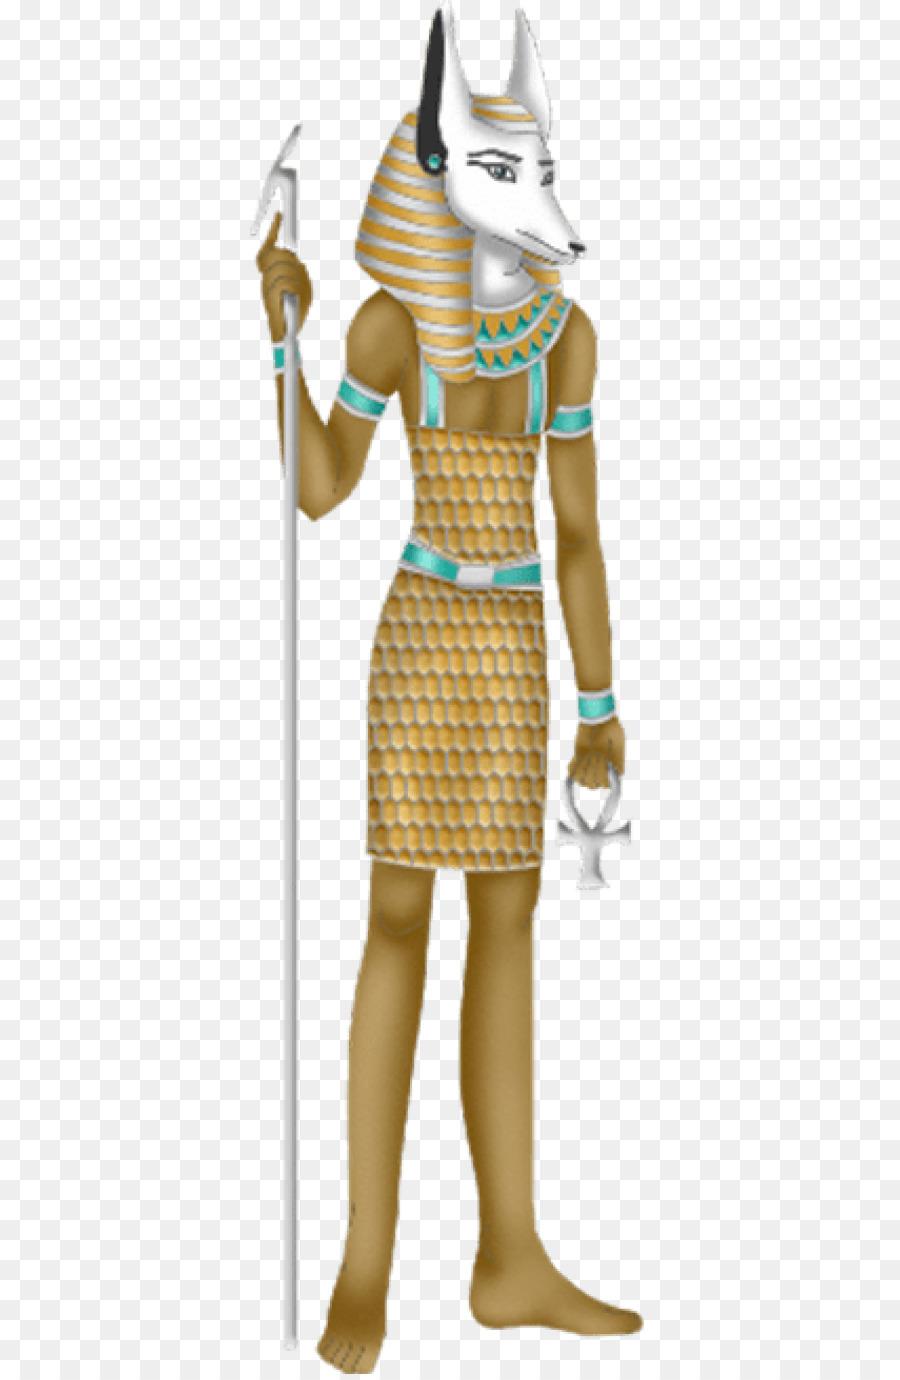 Disegno Di Un Faraone.Costume Da Clip Art Di Anubis Dell Antico Egitto Piramidi Del